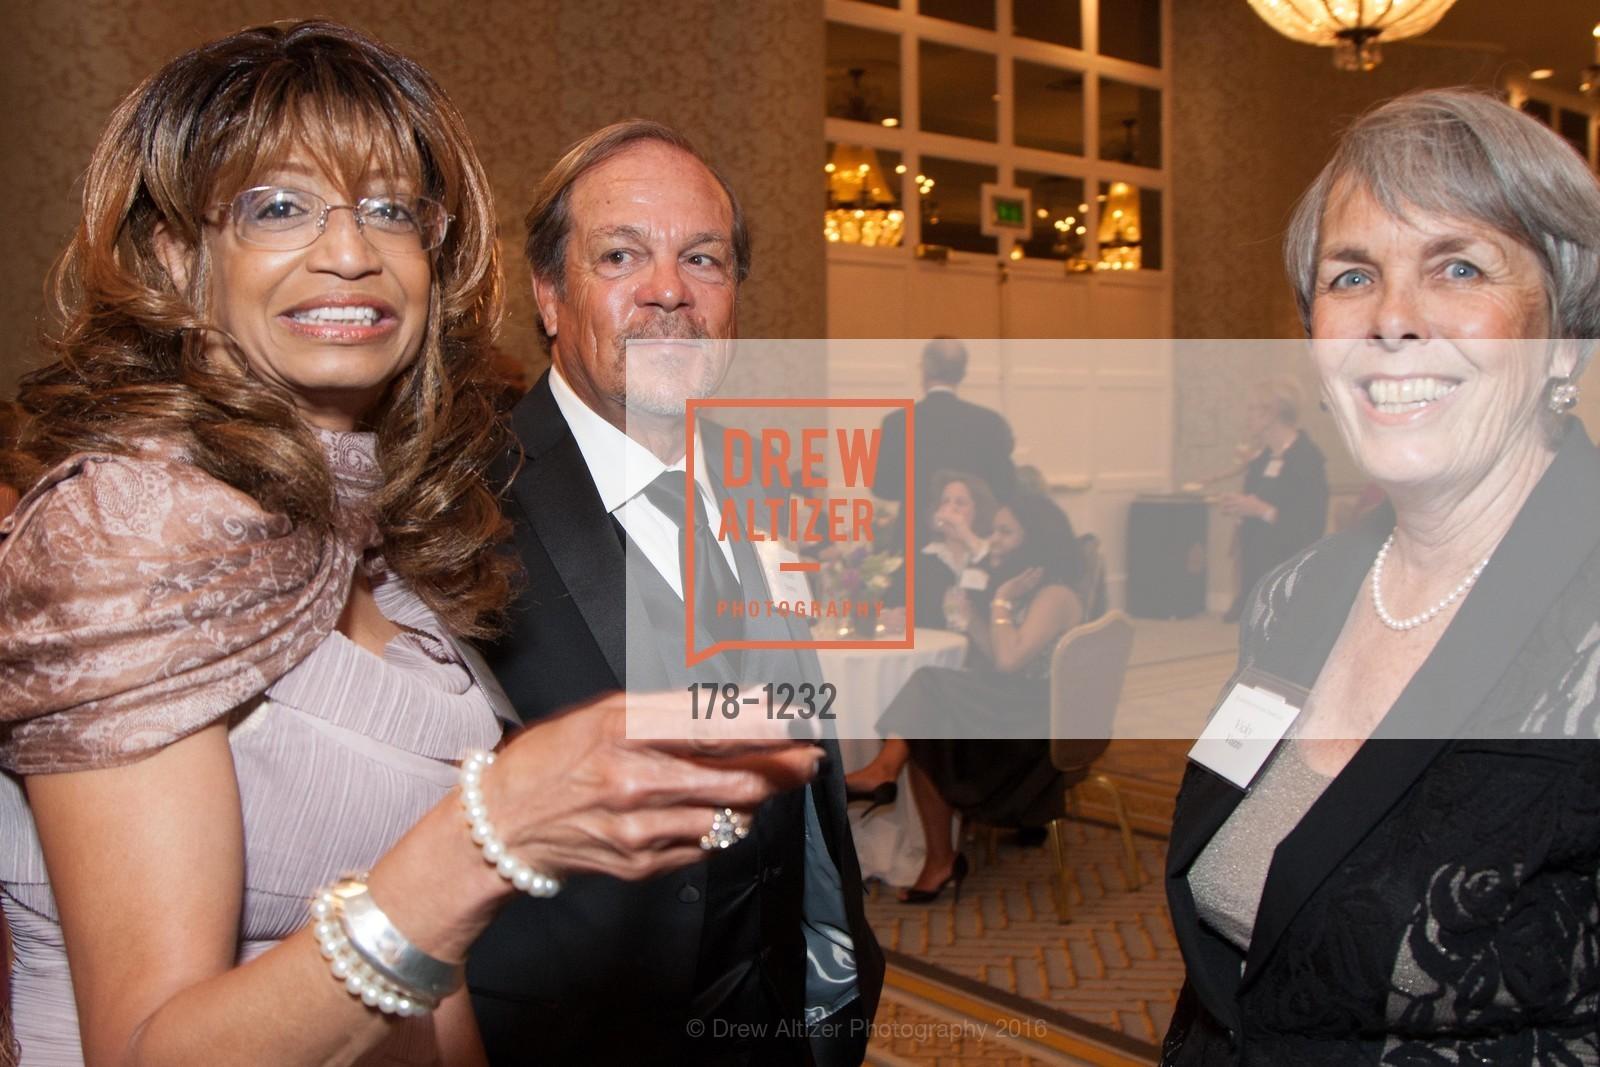 Cortes Saunders-Storno, Michael Storno, Vicky Vozzo, Photo #178-1232